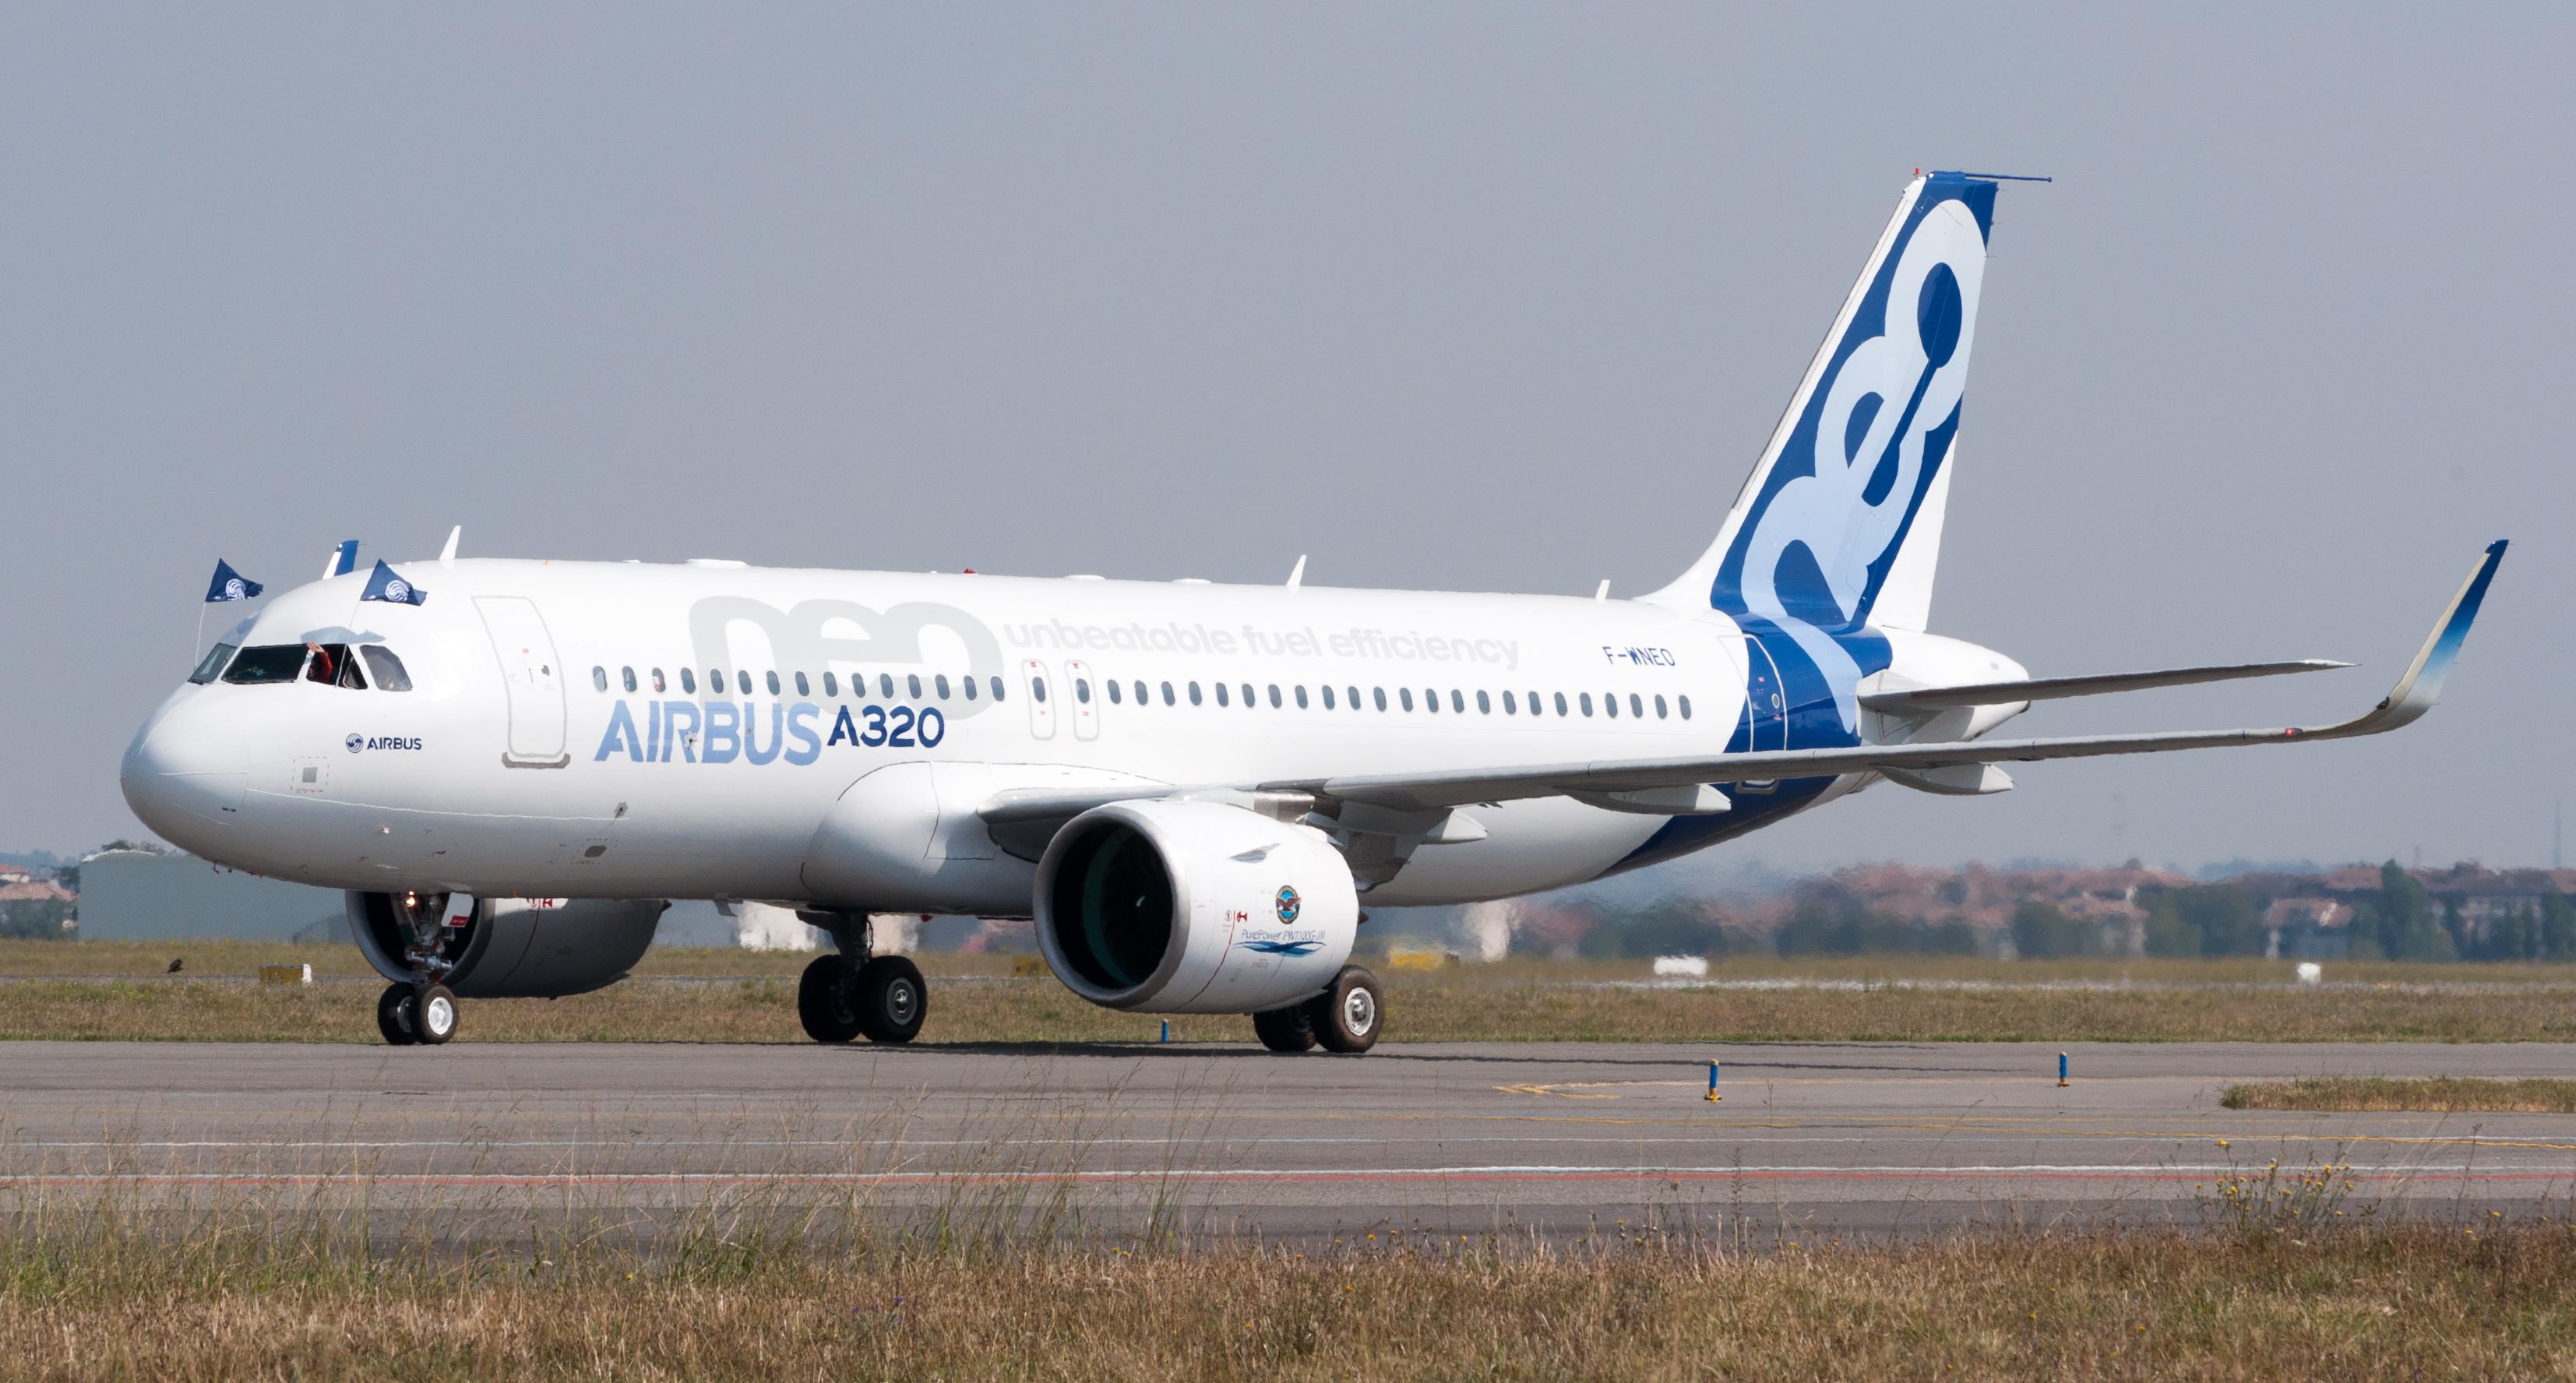 Resultado de imagen para Airbus A320neo wiki